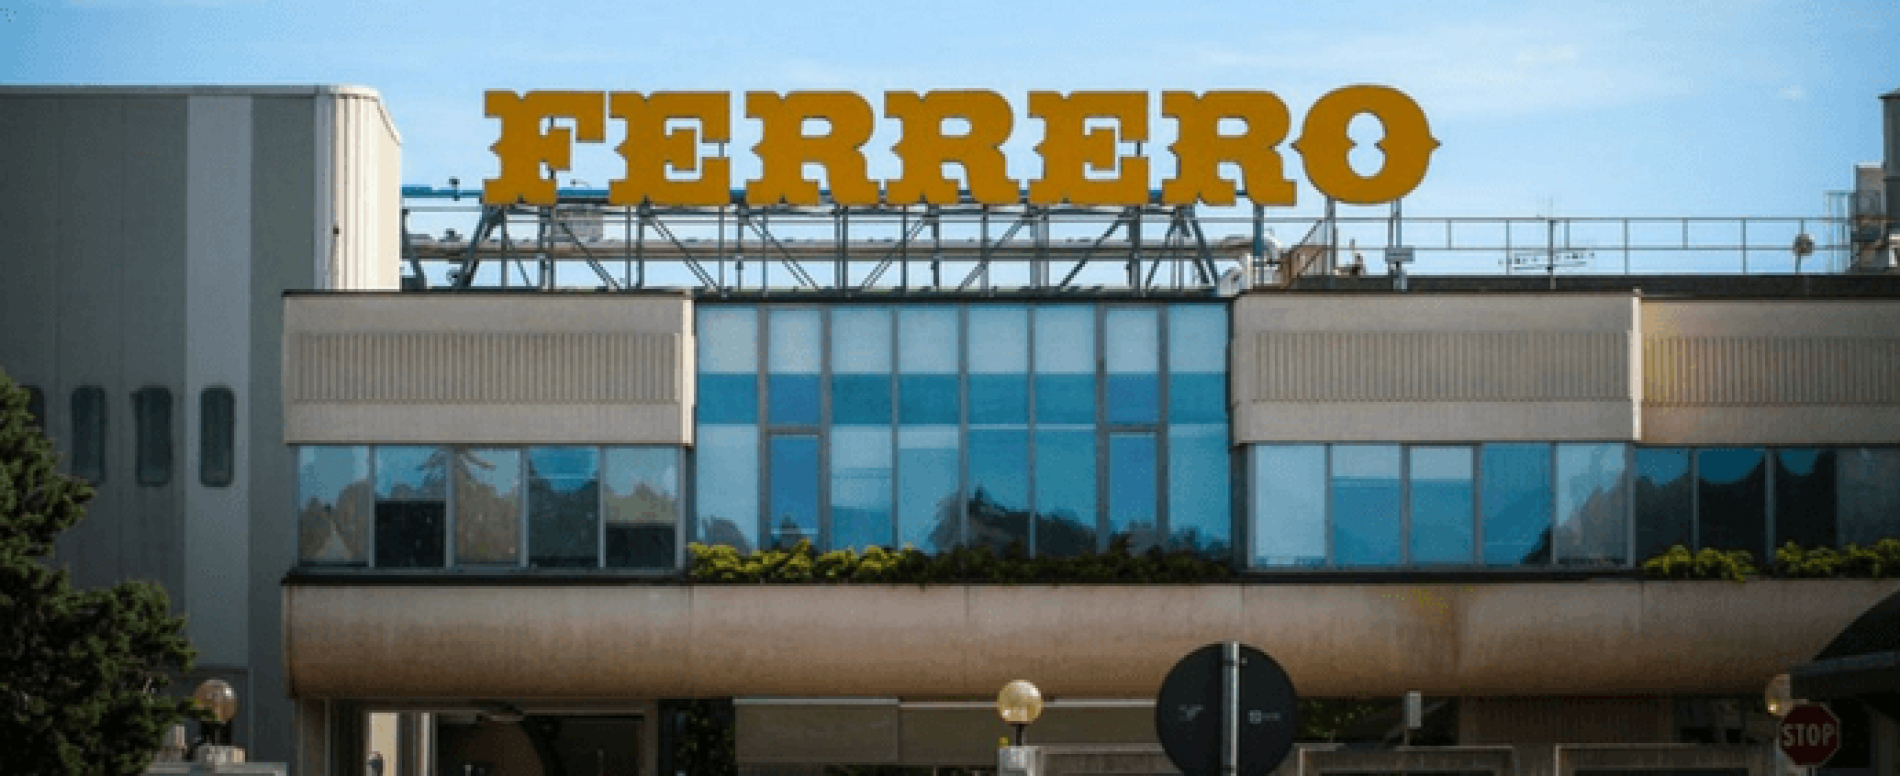 Ferrero premia i lavoratori con 2.000 euro